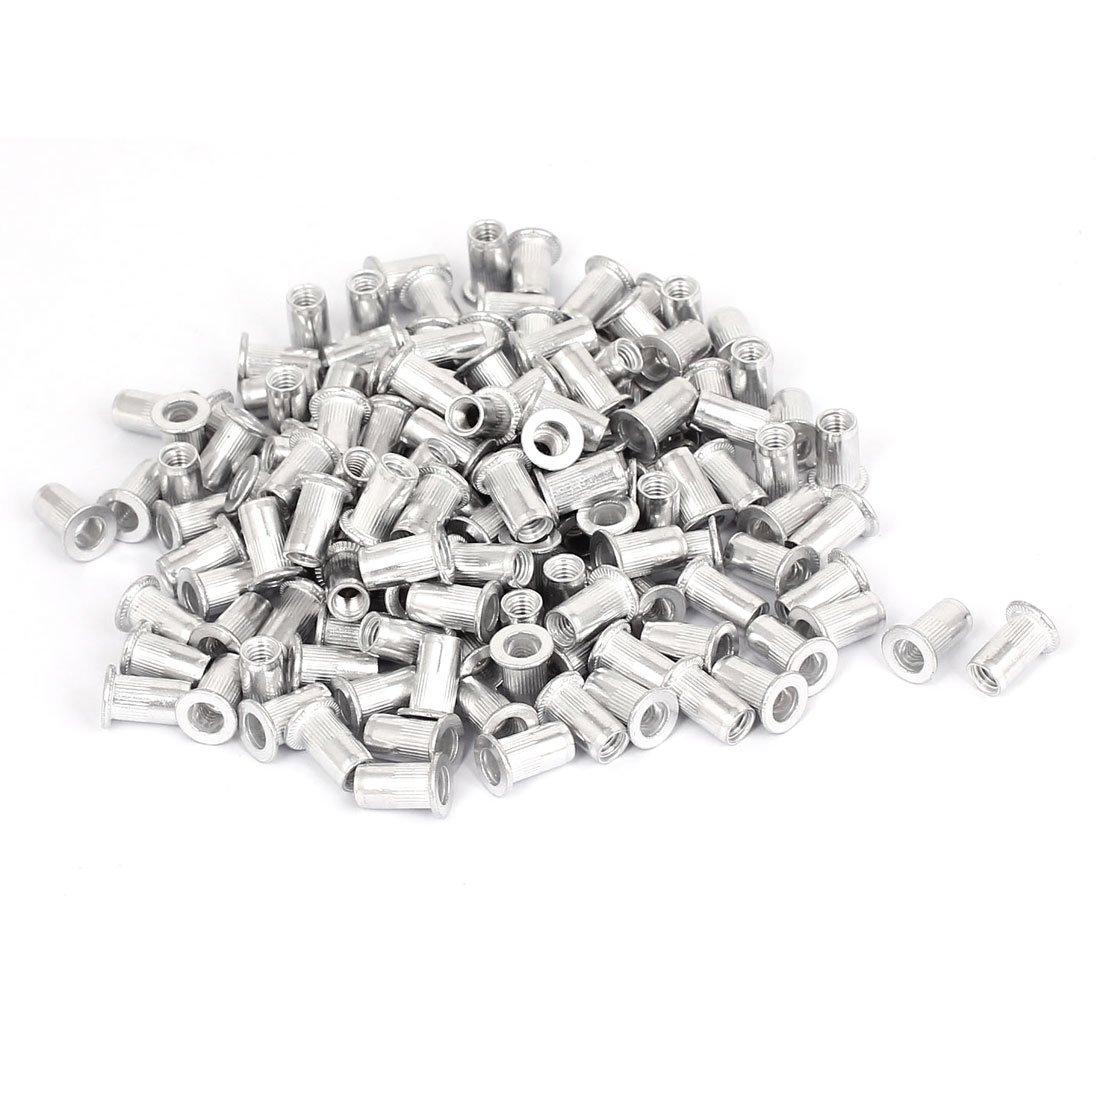 uxcell300 Pcs M5 Aluminum Threaded Flat Head Rivet Nuts Nutserts Fasteners a15072400ux0390